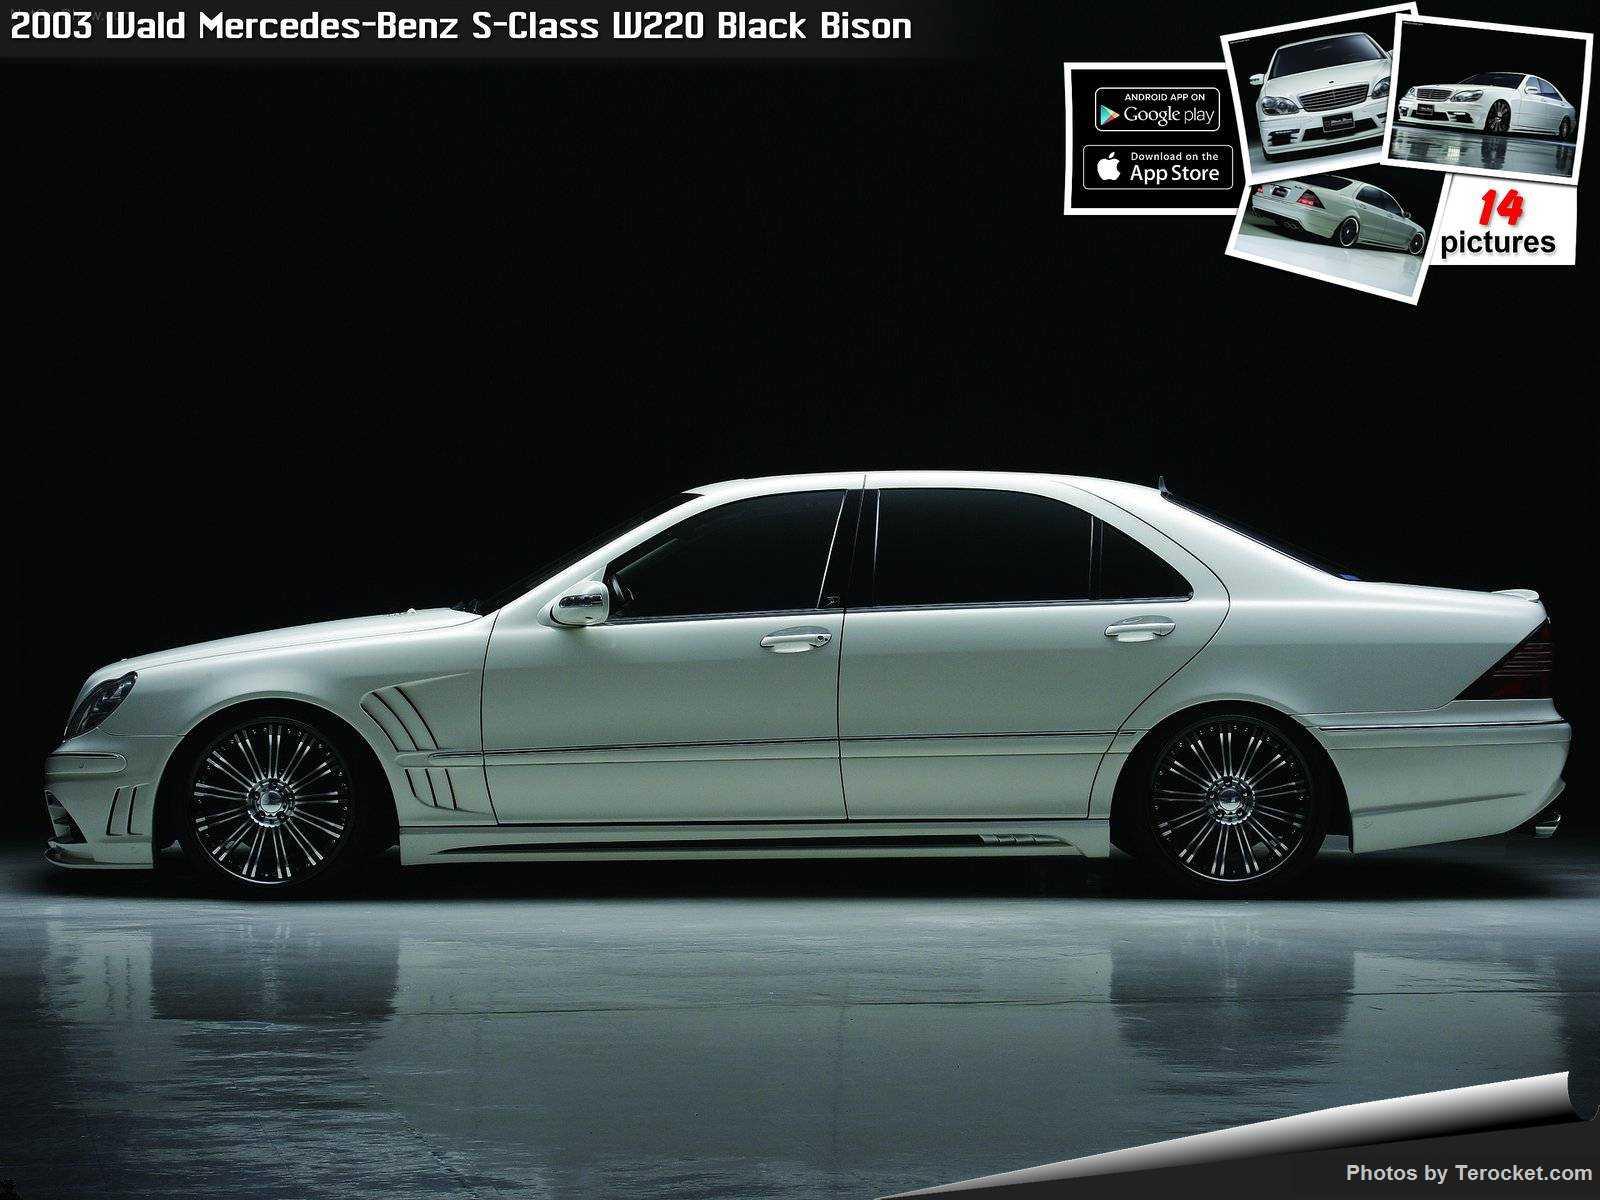 Hình ảnh xe độ Wald Mercedes-Benz S-Class W220 Black Bison 2003 & nội ngoại thất